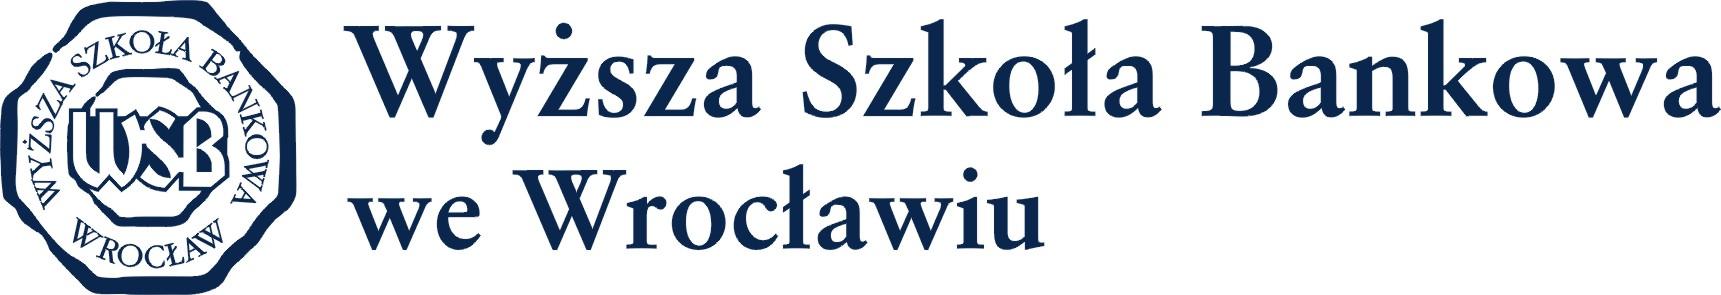 wsb-wrocaw_jpg